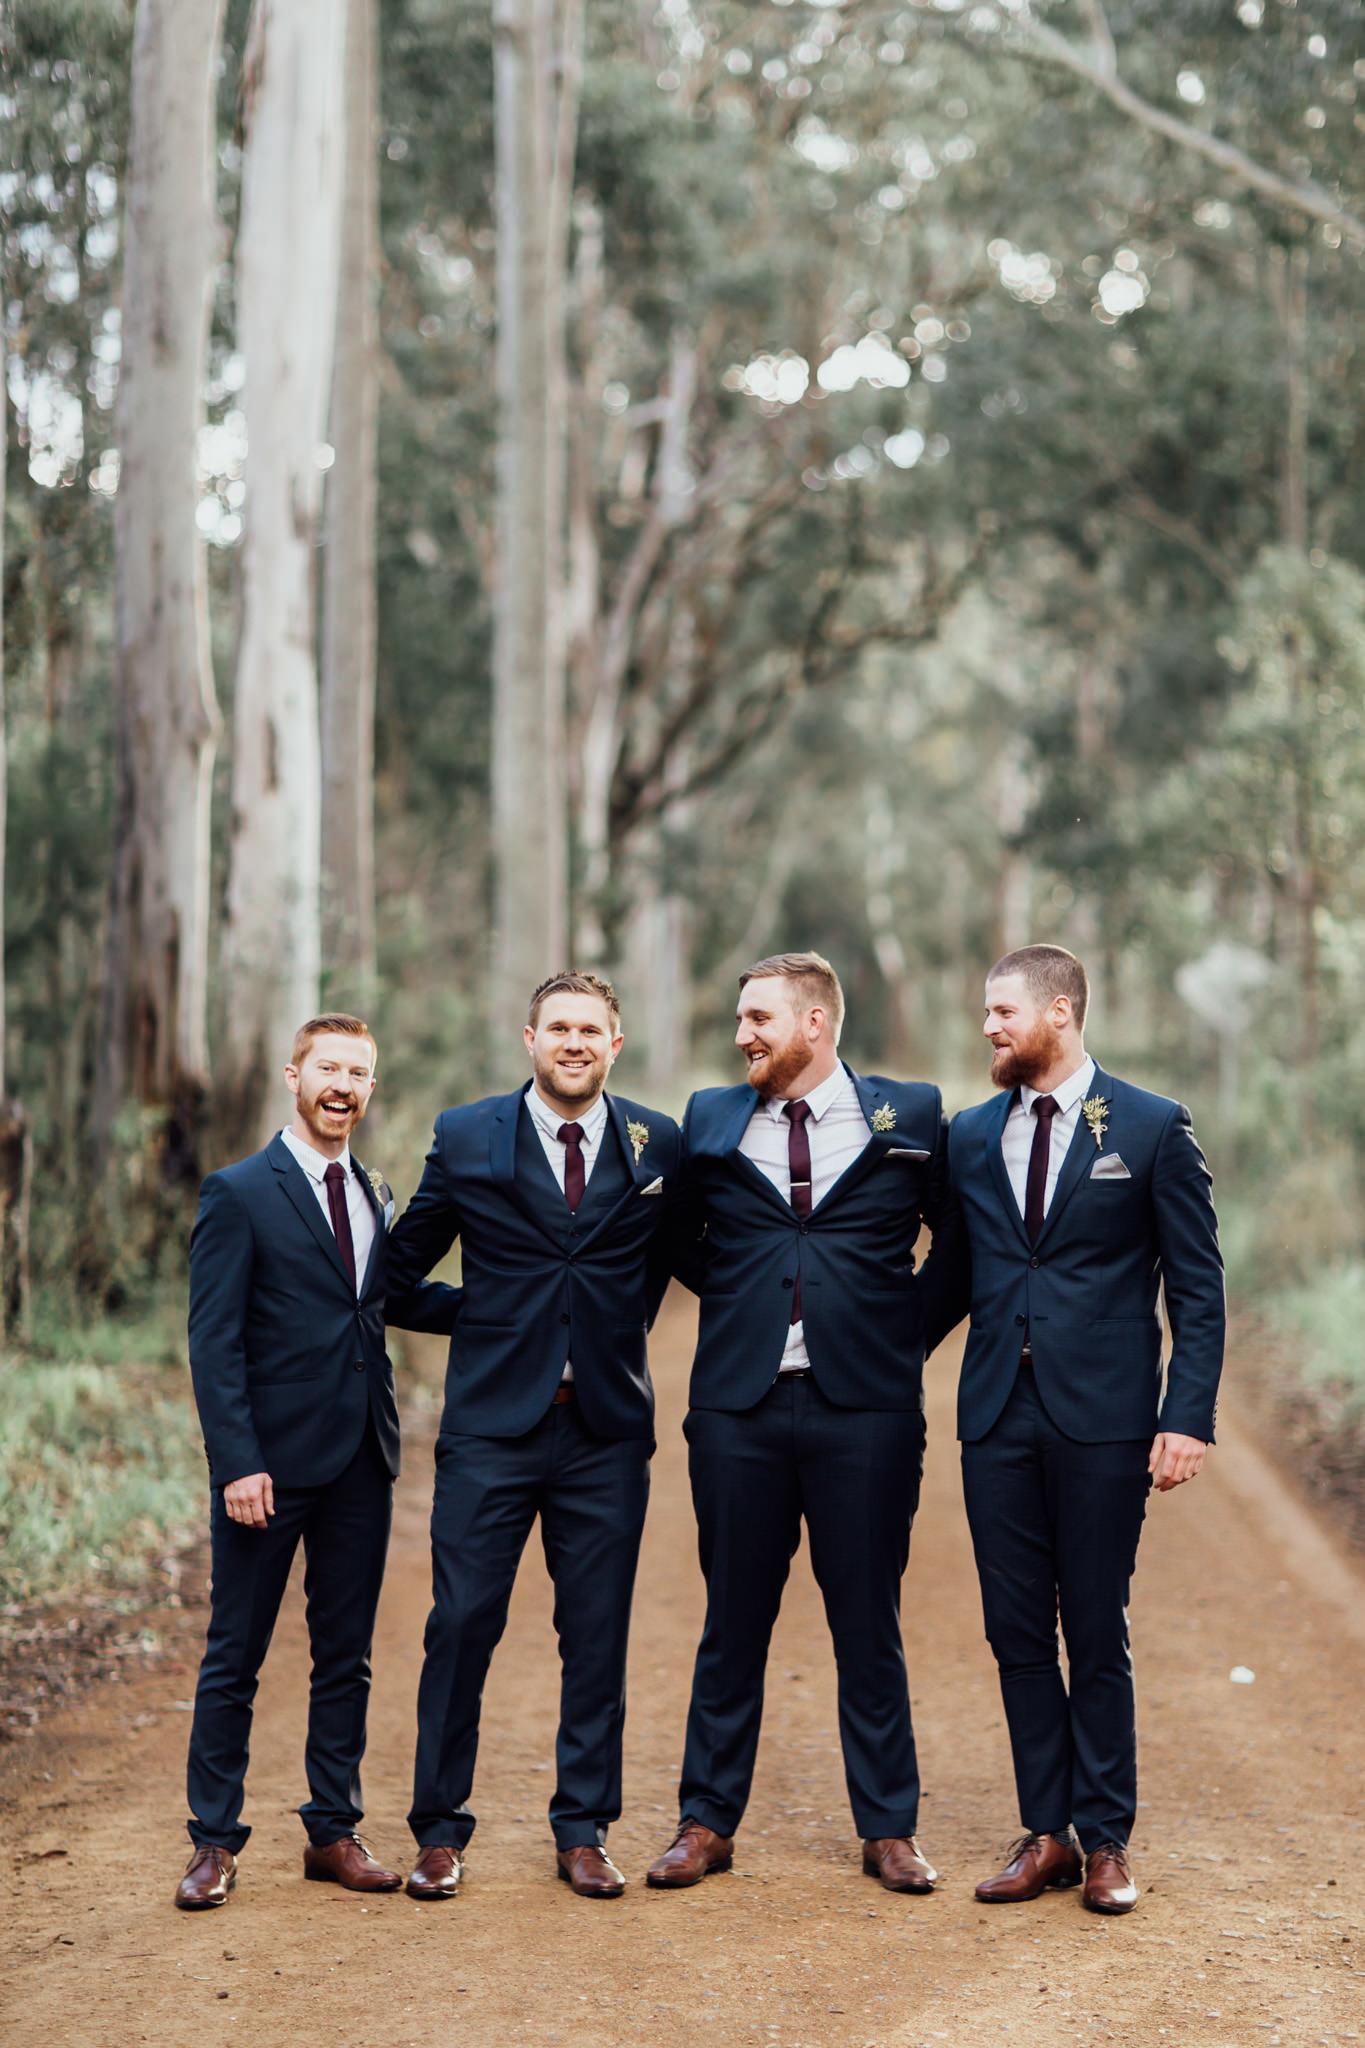 WeddingPhotos_Facebook_2048pixels-1083.jpg